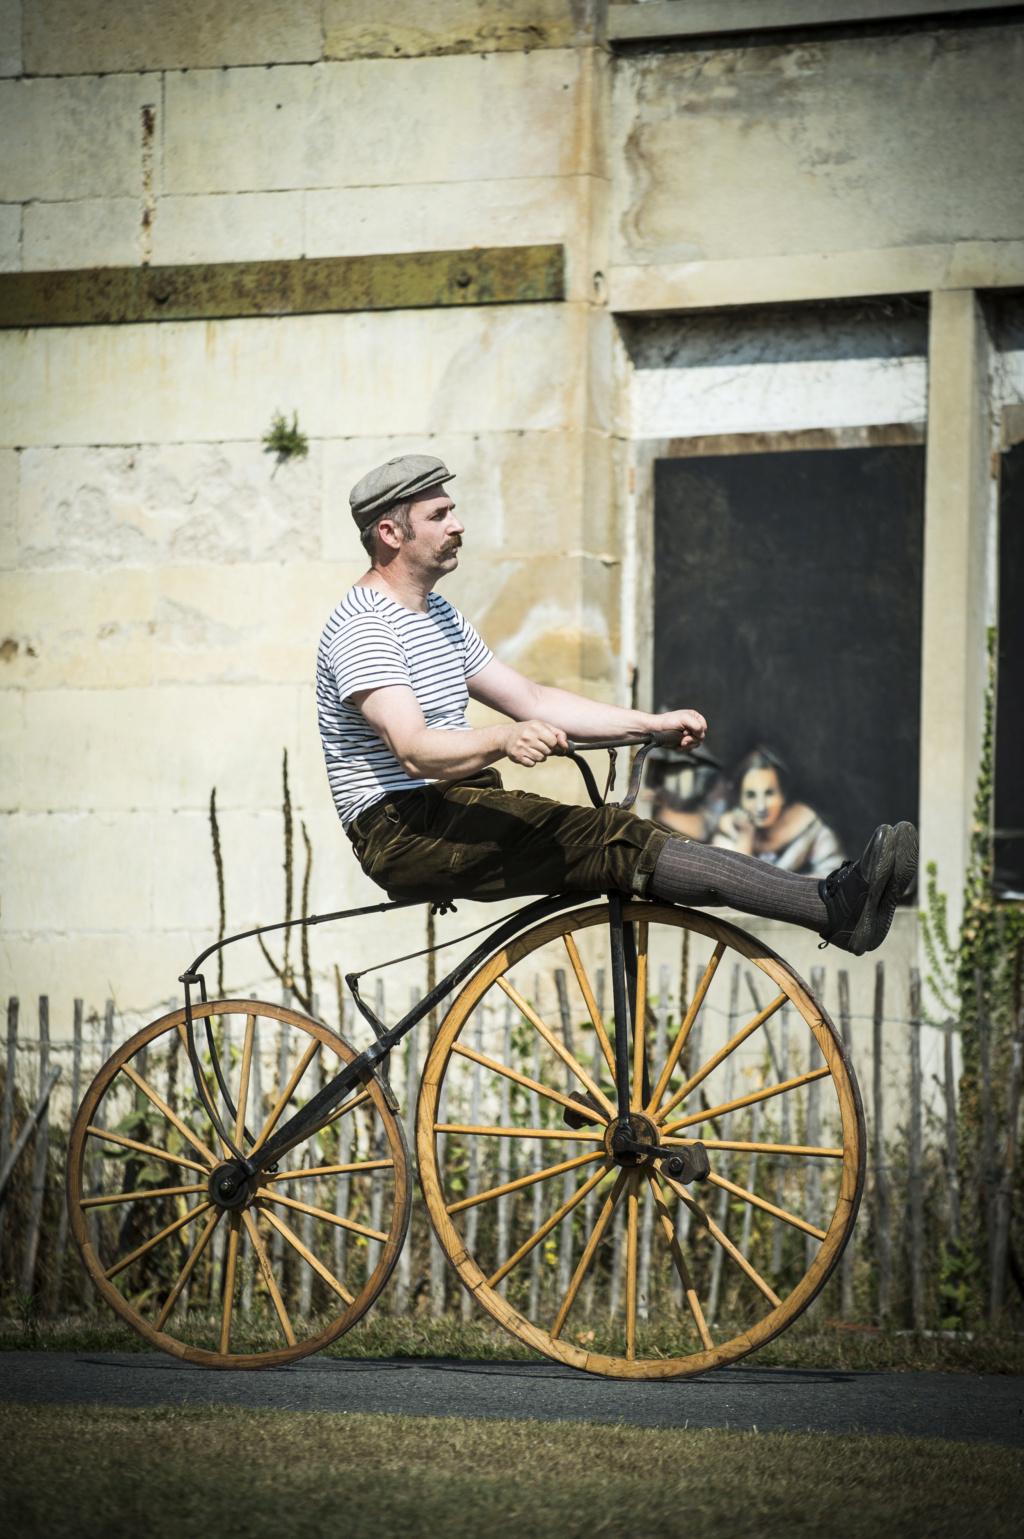 La vieille compagnie en bicyclette 20/09/2020 - Page 2 Paolov15